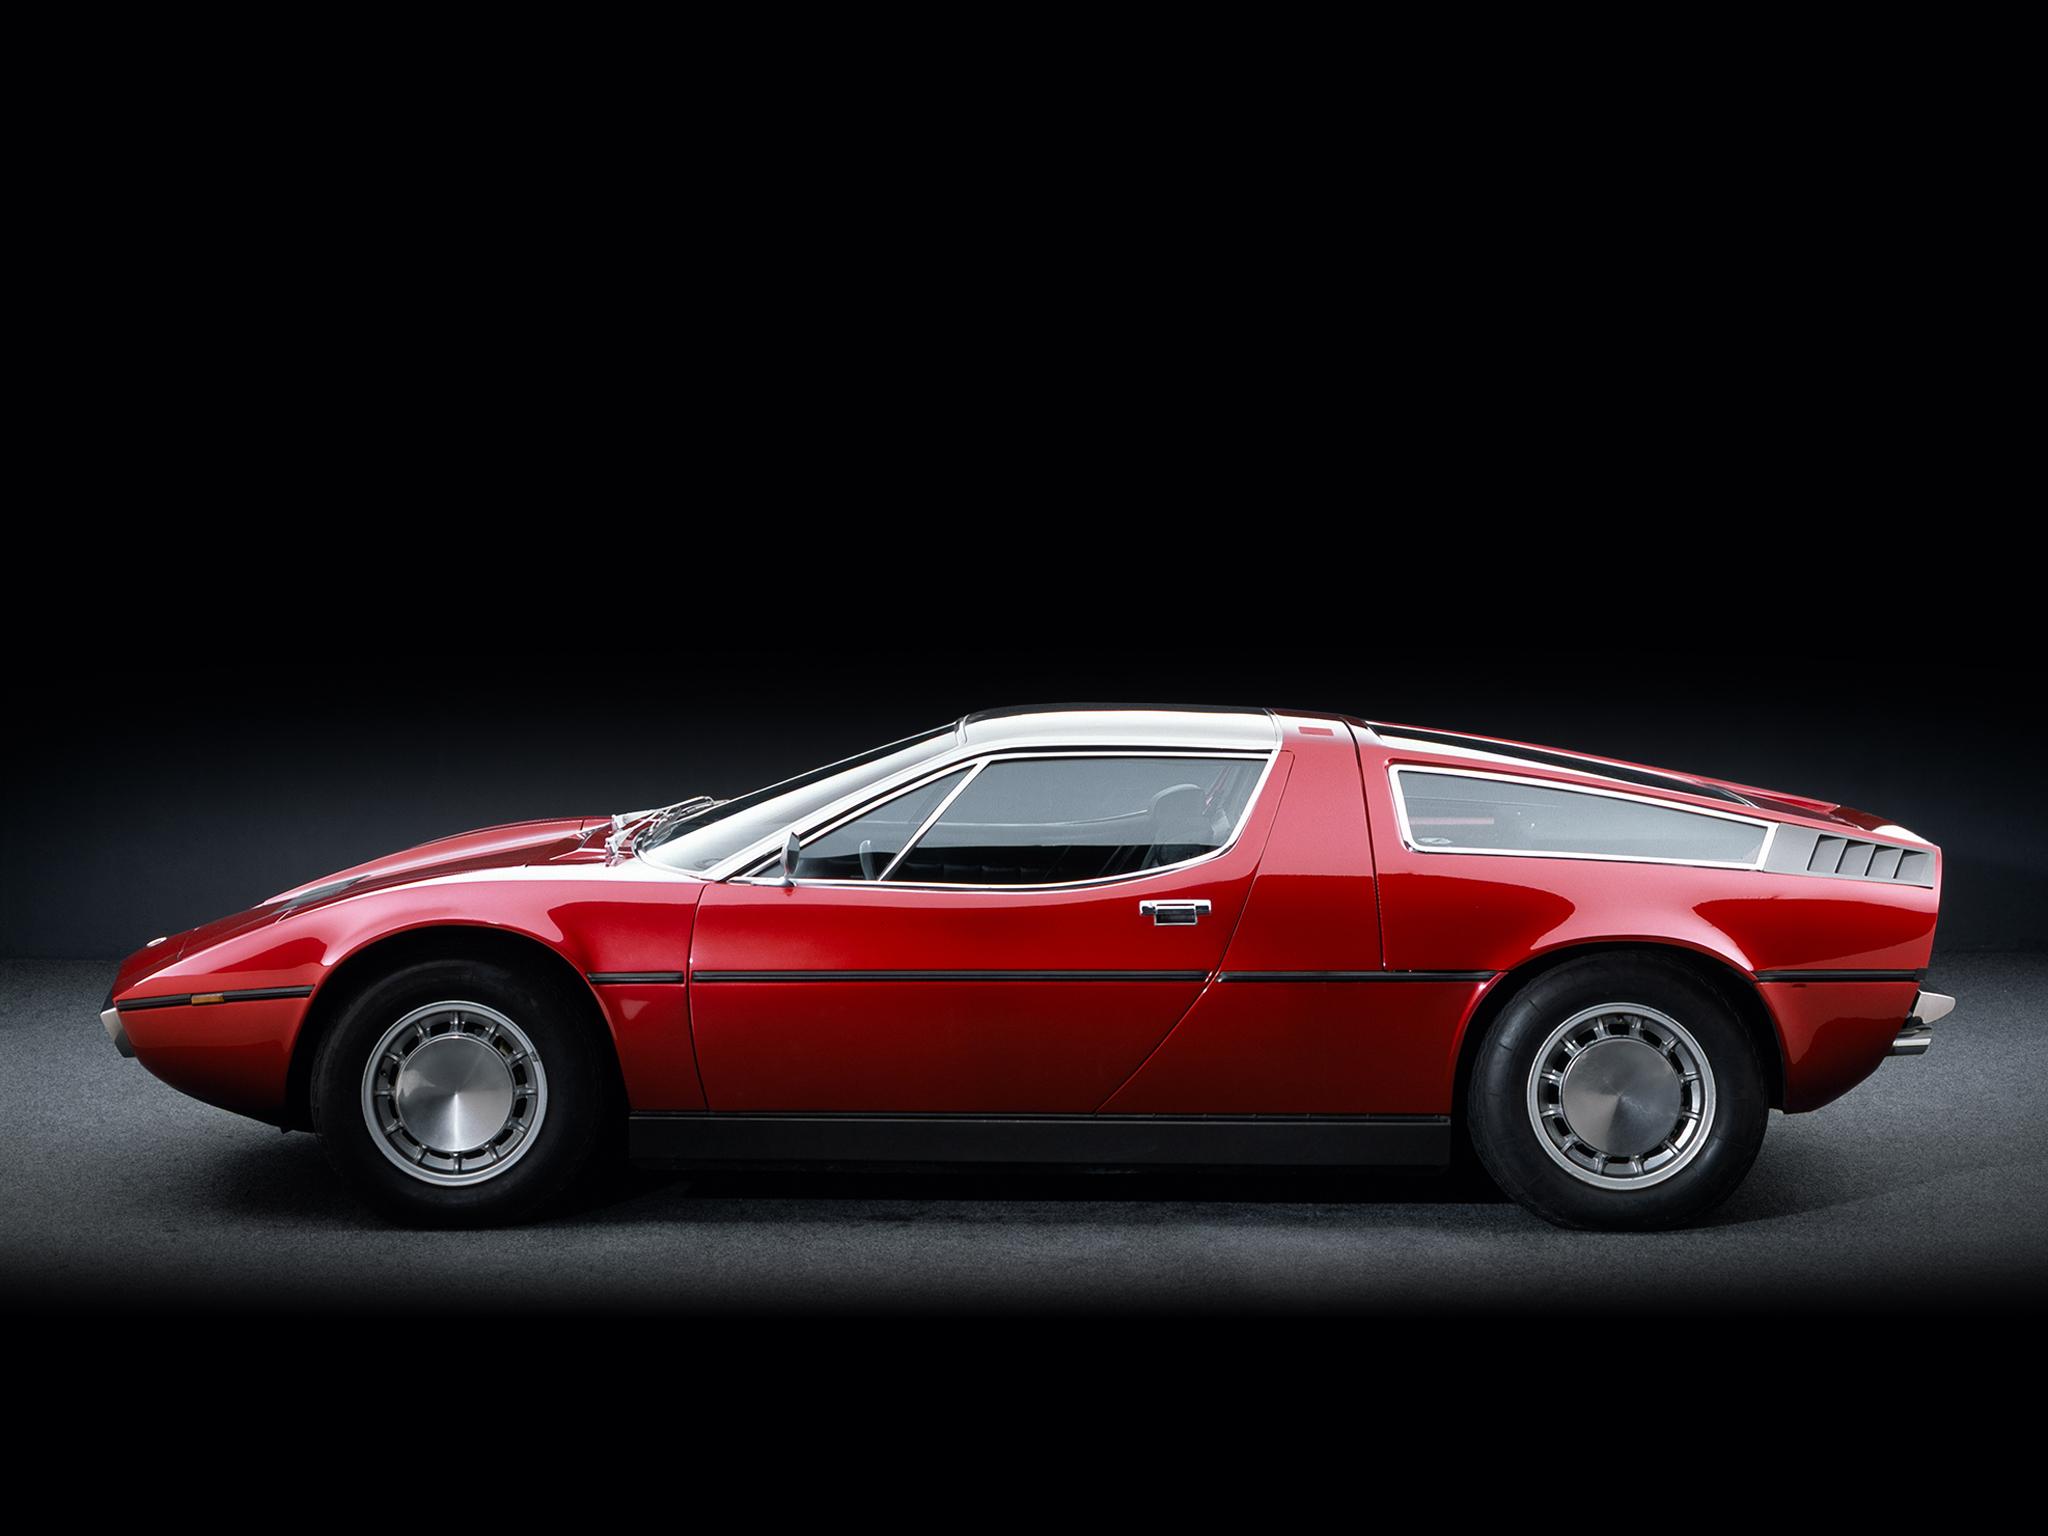 1971-78 Maserati Bora (AM117) supercar classic e wallpaper | 2048x1536 |  221292 | WallpaperUP